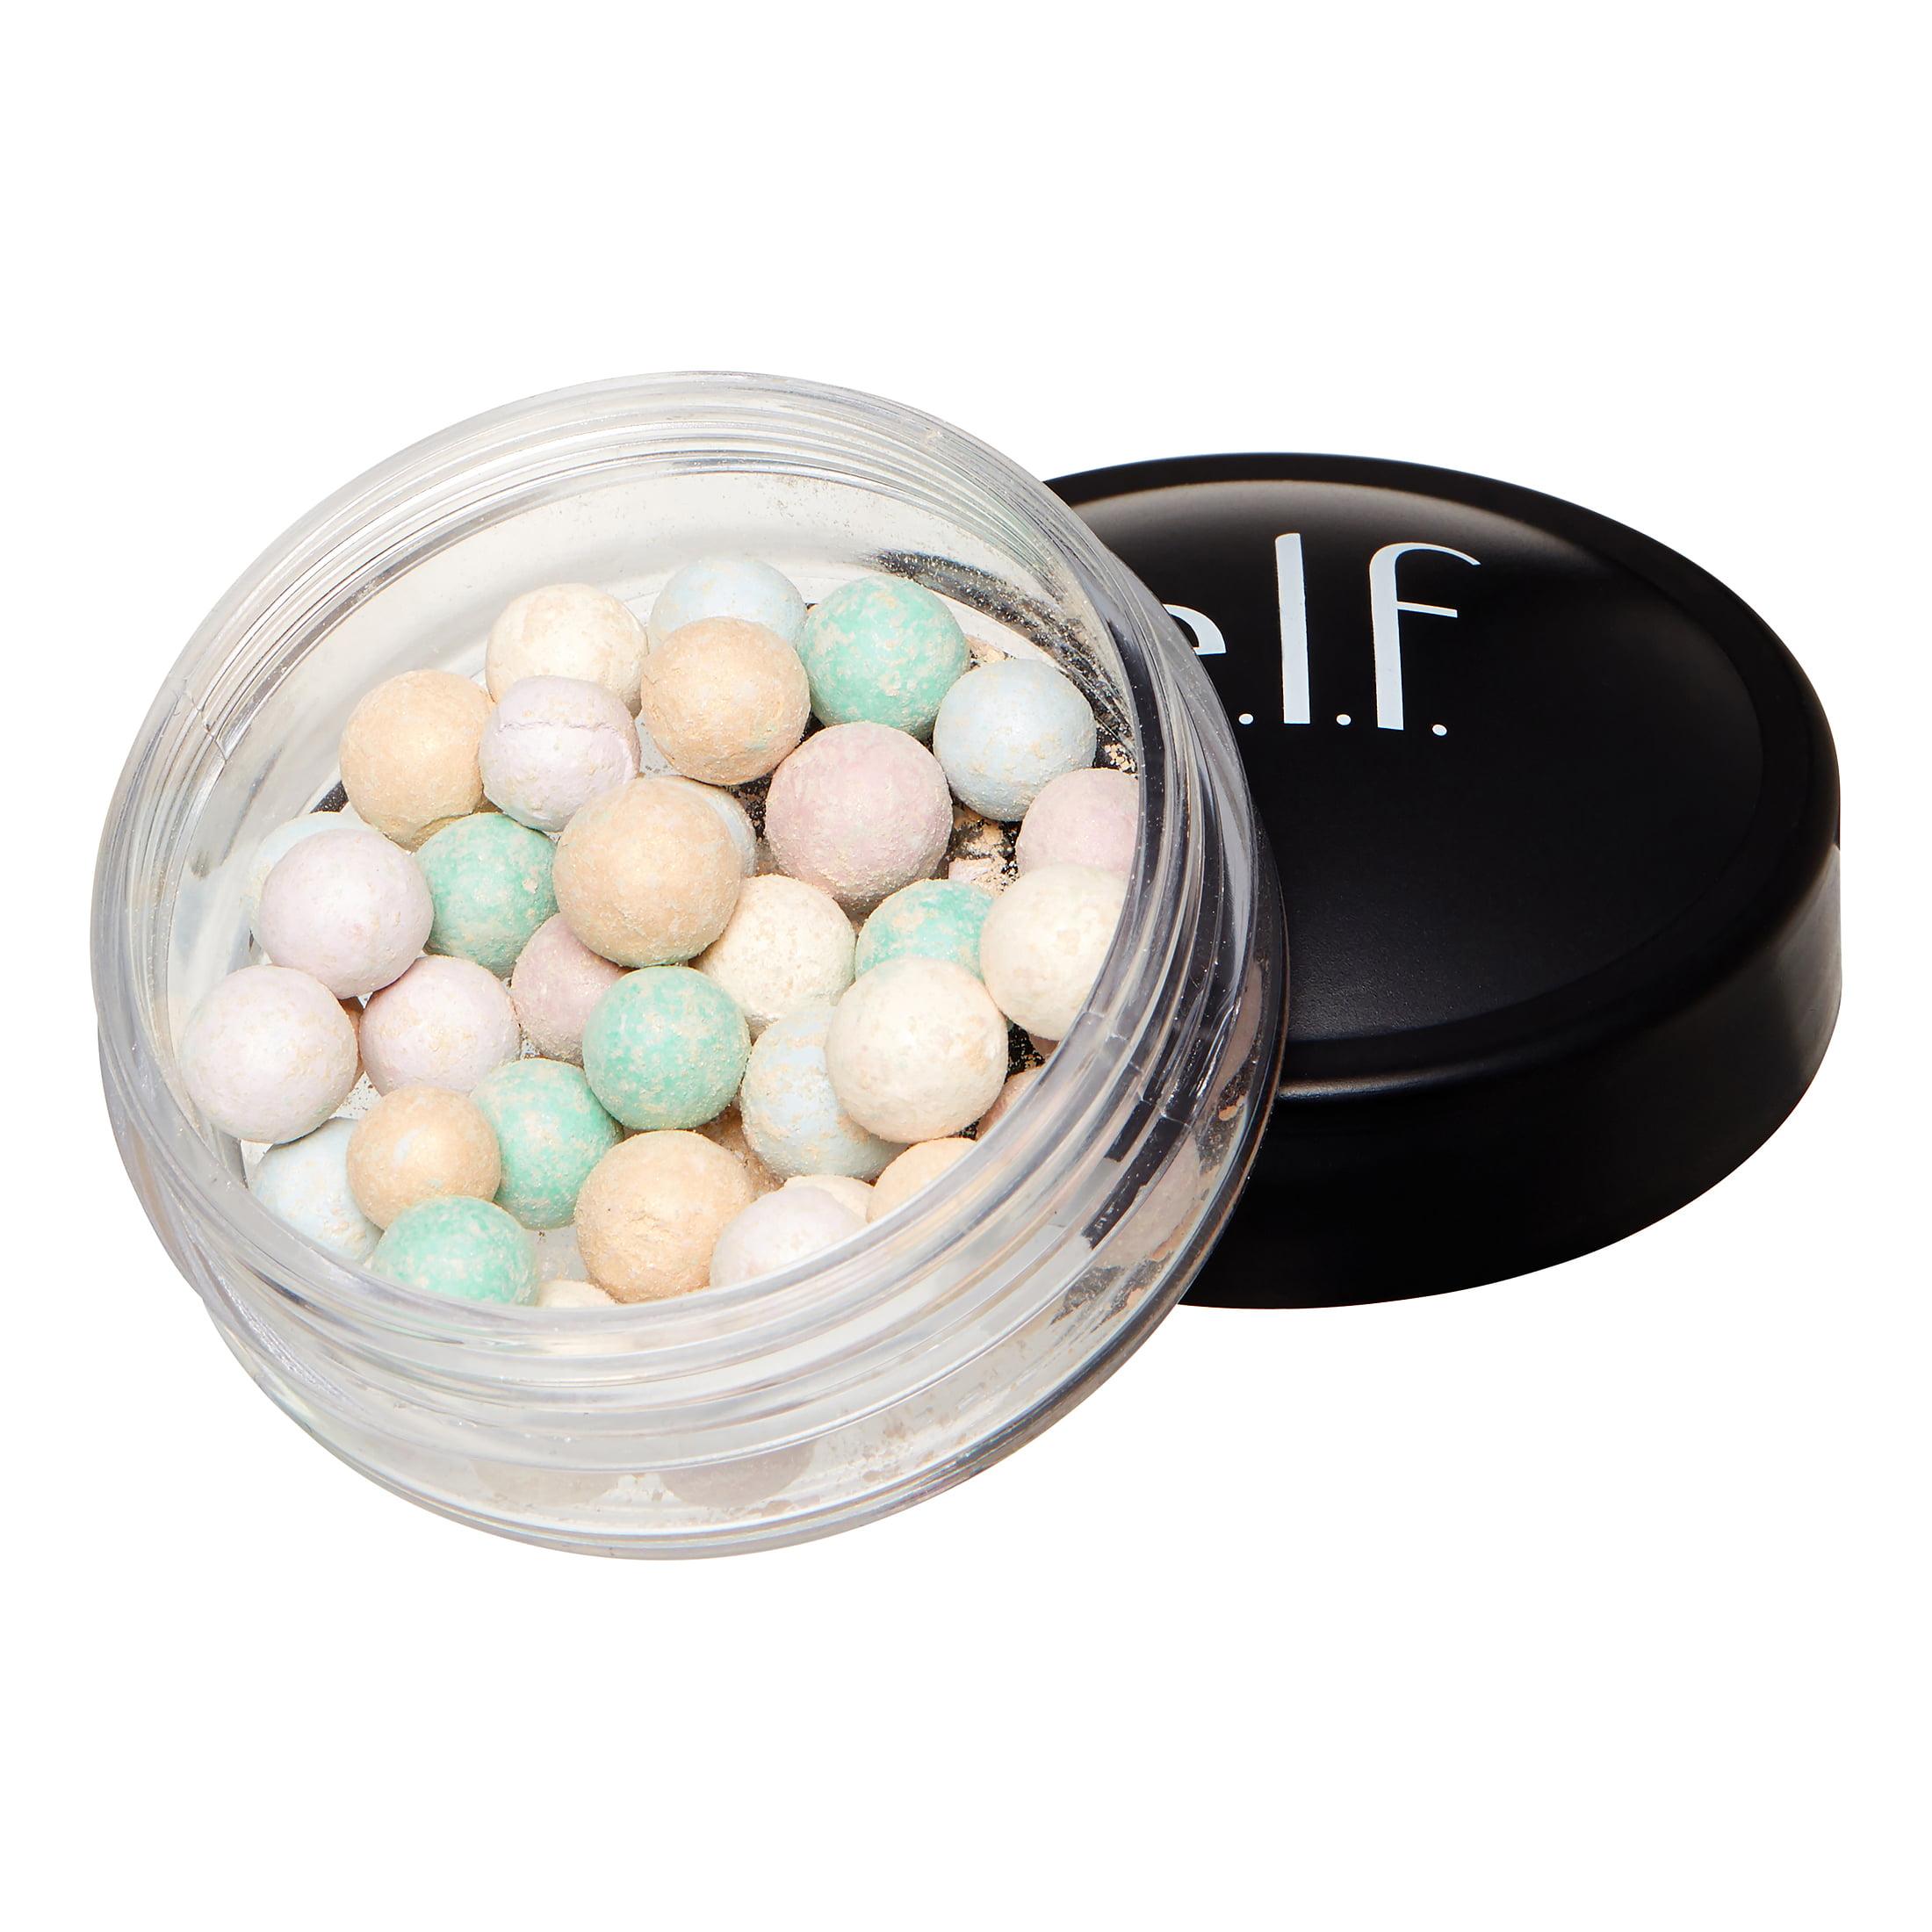 e.l.f. Mineral Pearls, Skin Balancing, 0.53 oz